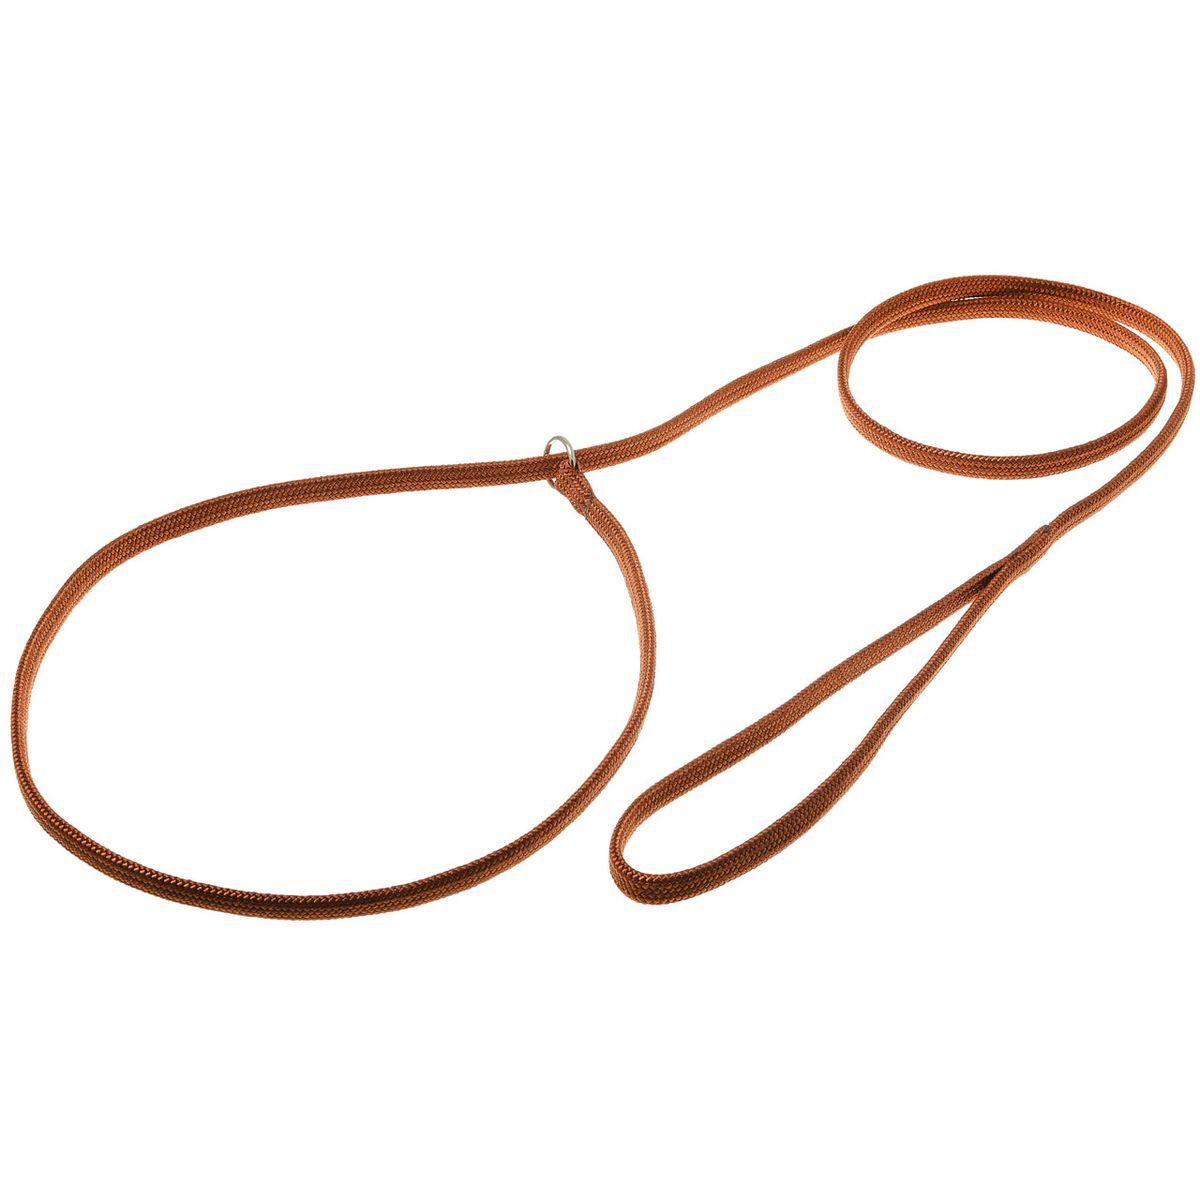 Поводок для собак V.I.Pet, цвет: светло-коричневый, ширина 7 мм, длина 1,5 мDM-160131-1Поводок-удавка V.I.Pet состоит из петли с фиксатором и, собственно, поводка. Является самым распространенным видом выставочной амуниции. Подходит также для повседневного использования.